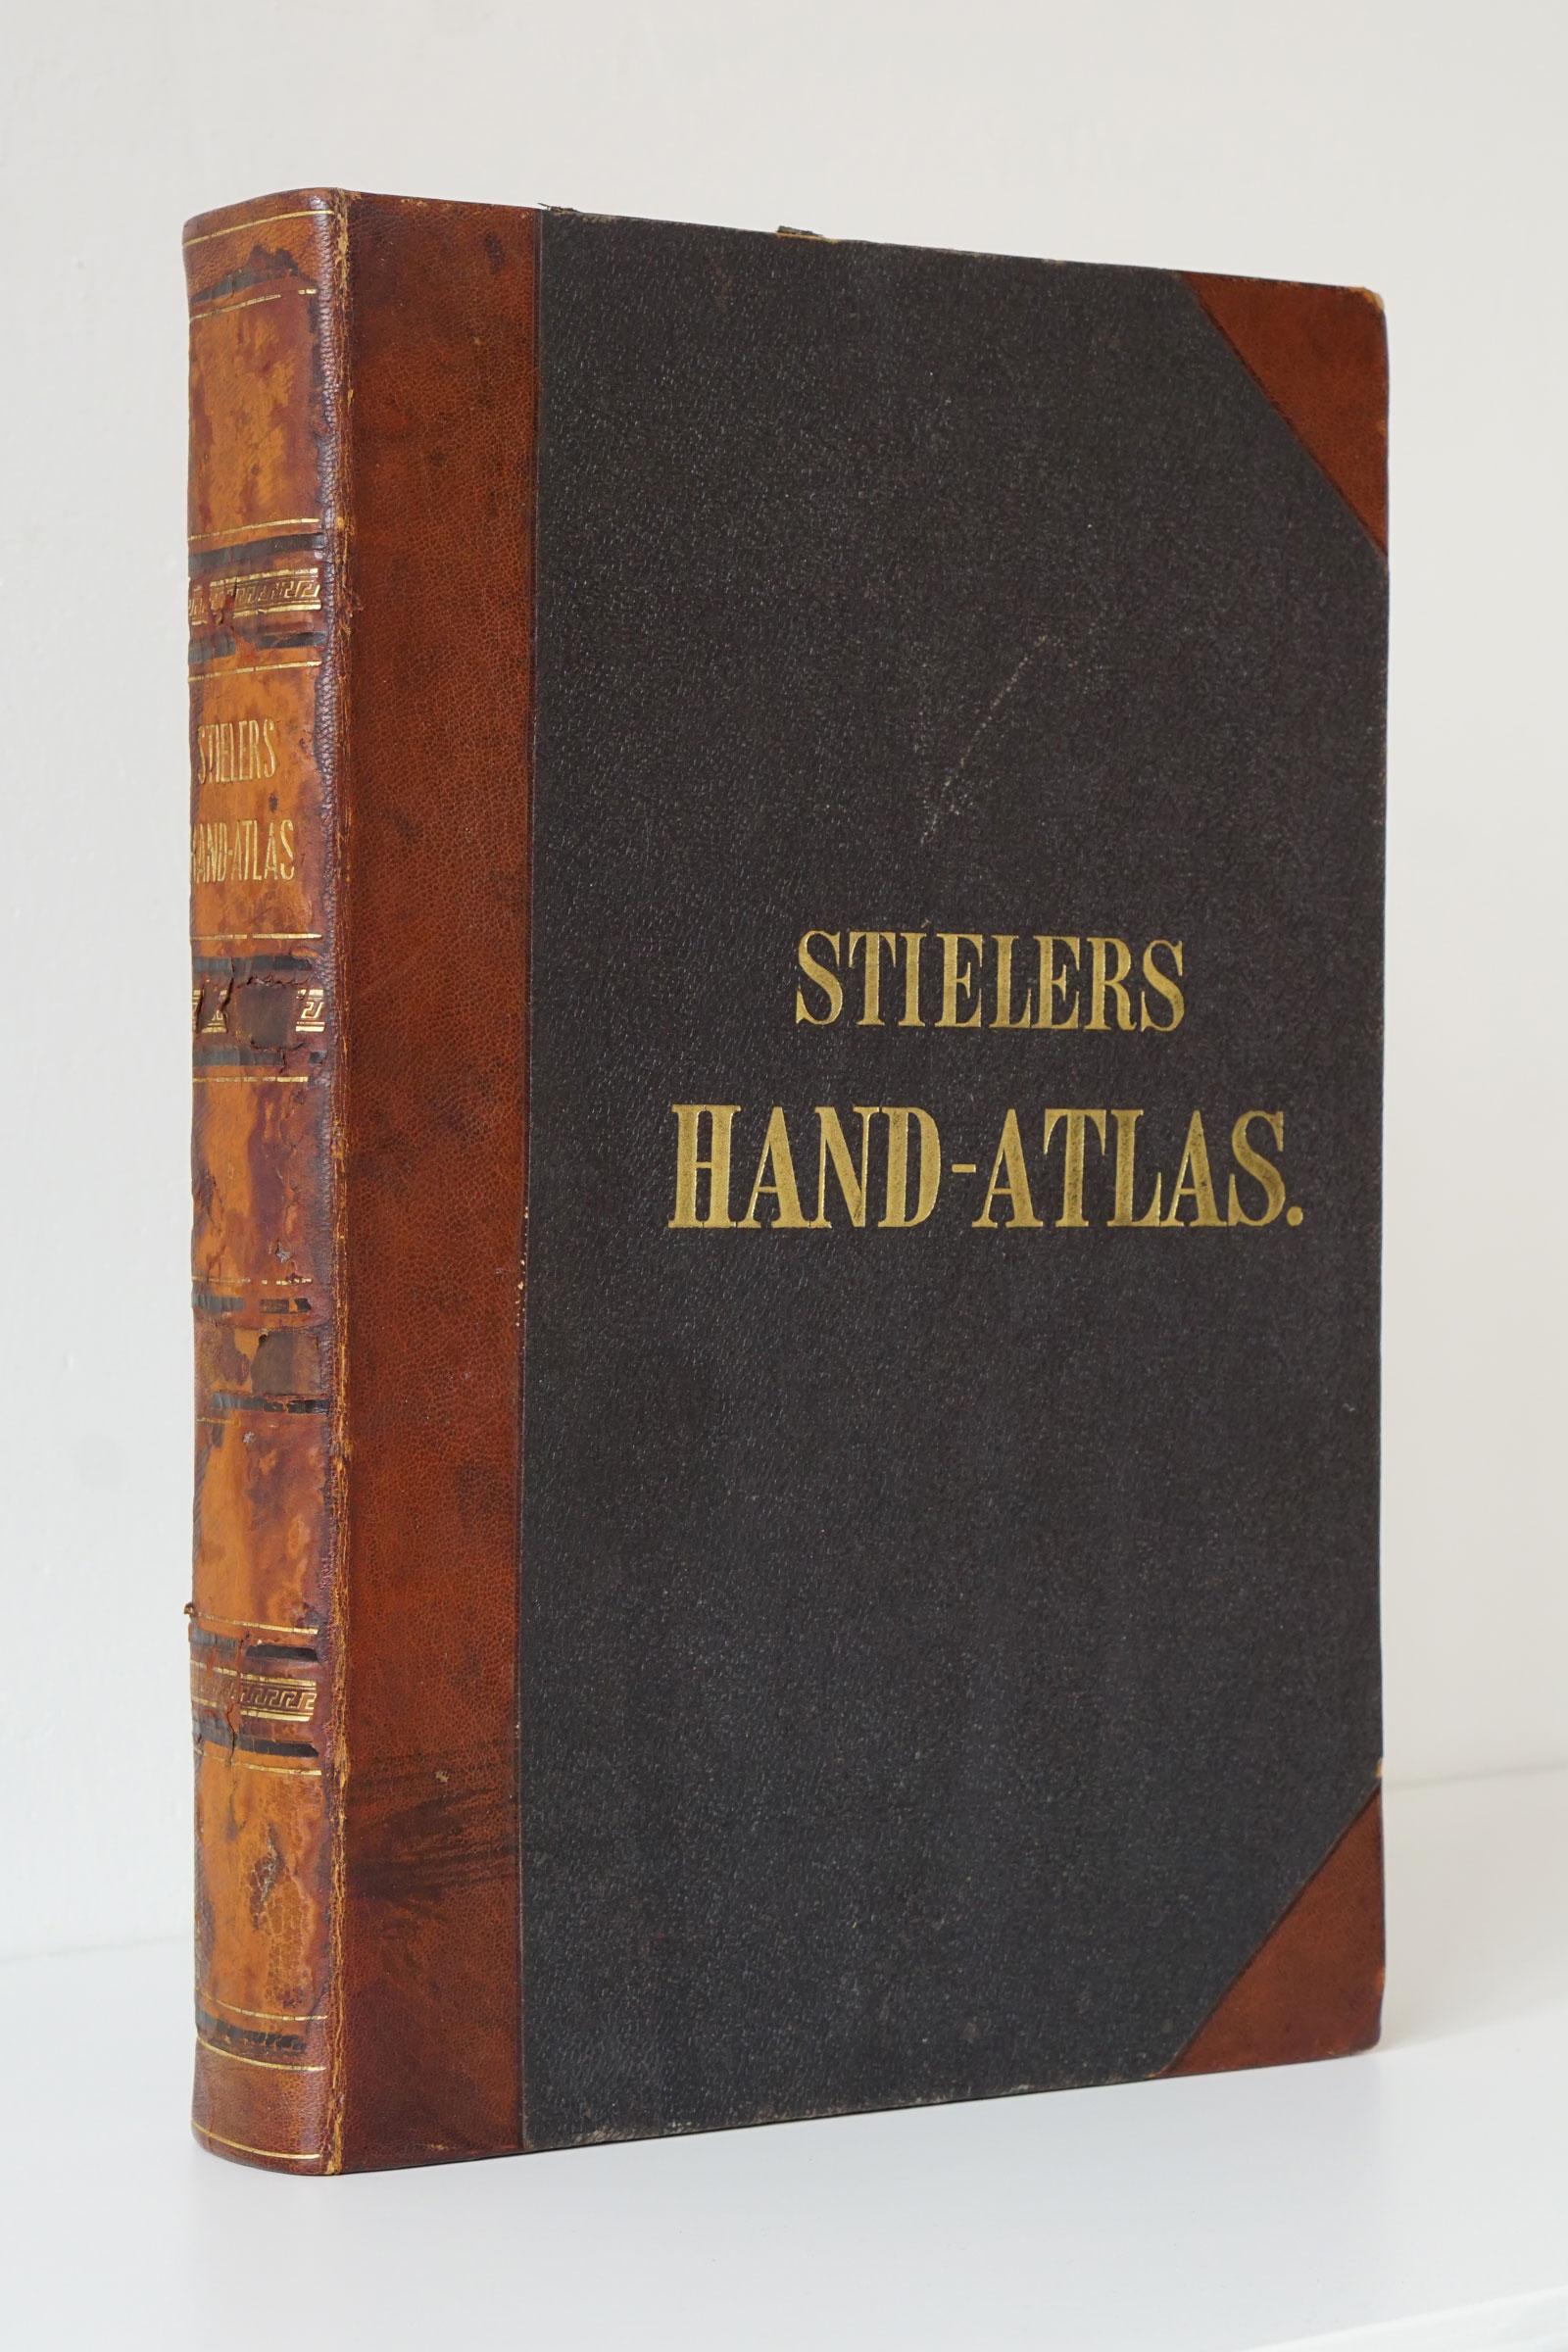 Stielers Handatlas - 1892